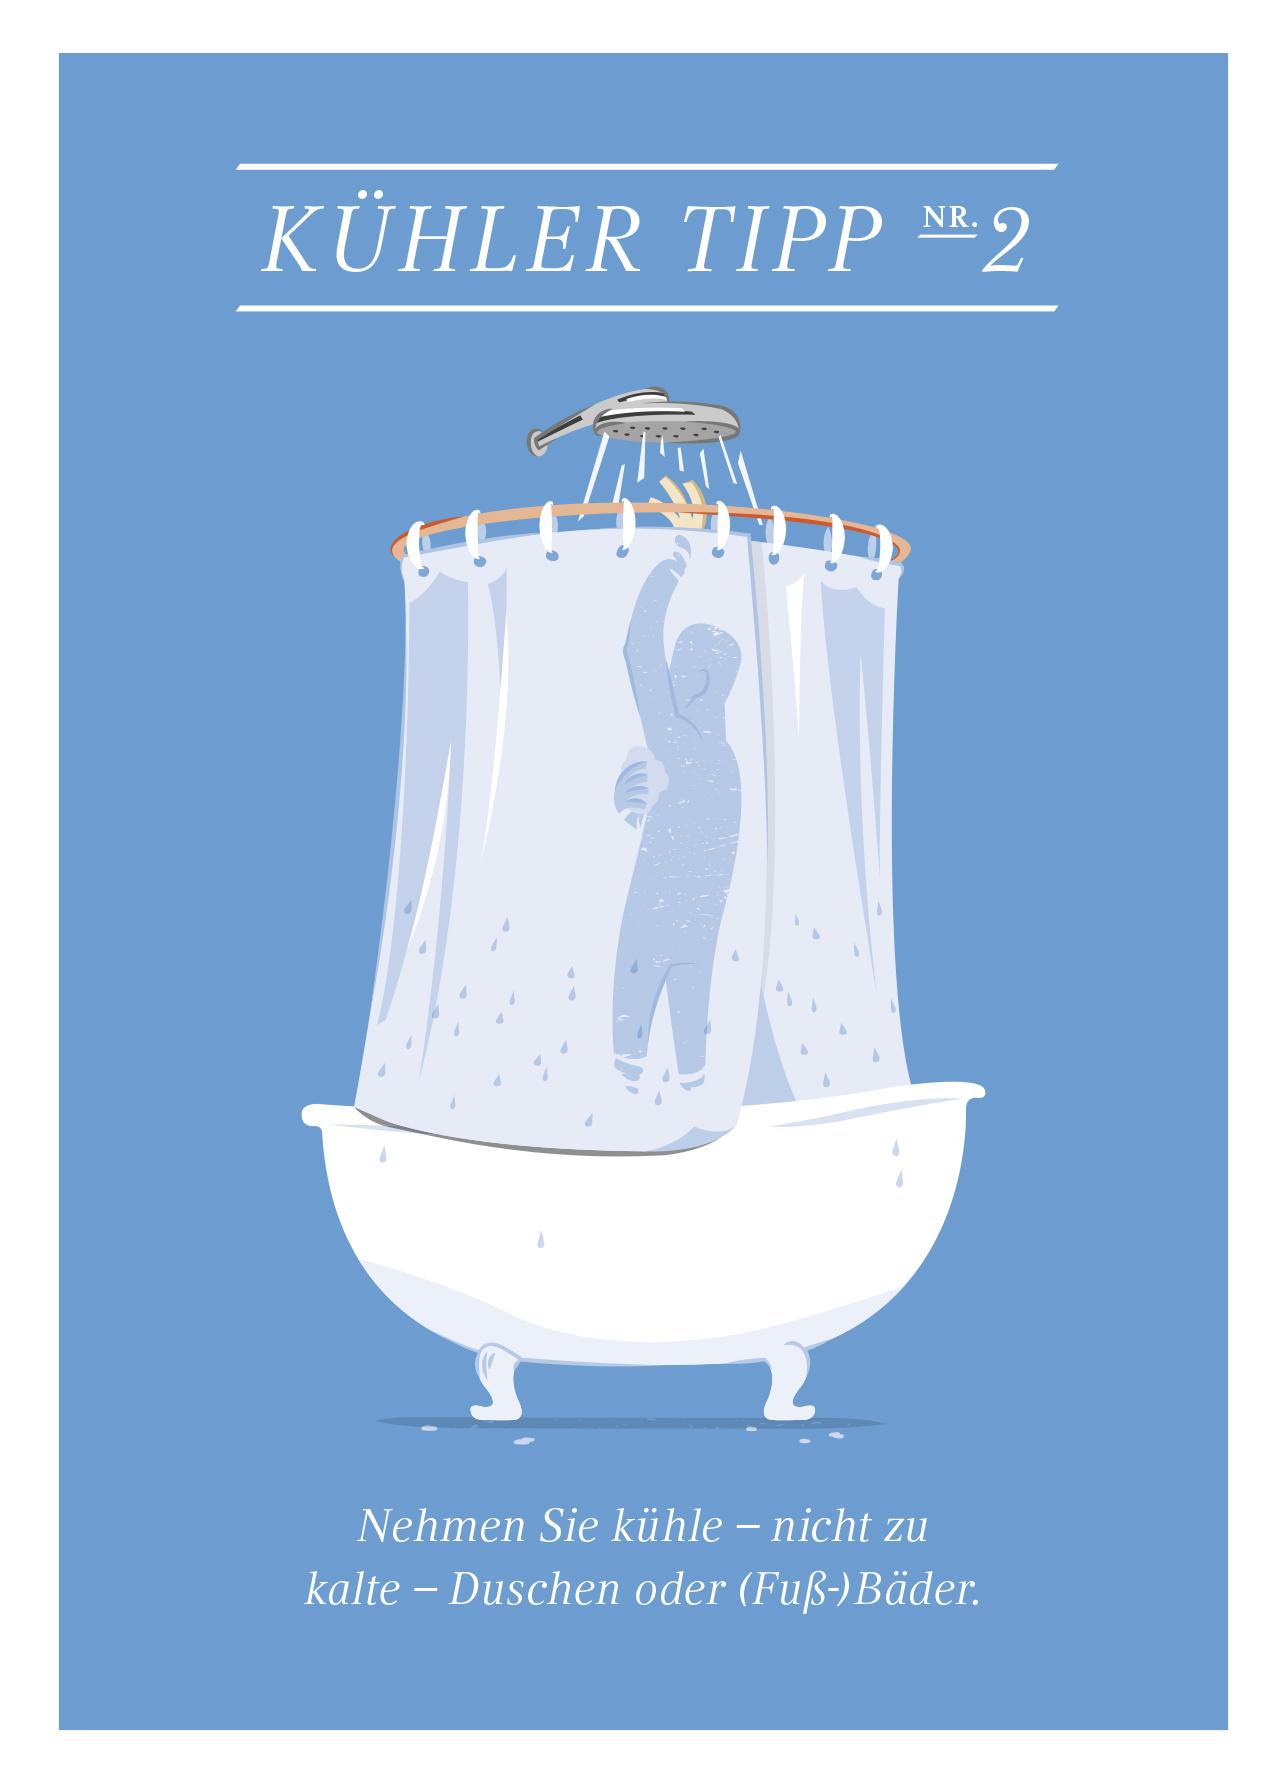 Grafik einer Person unter der dusche mit dem Tipp öfter eine kühle Dusche zu nehmen oder ein Fußbad